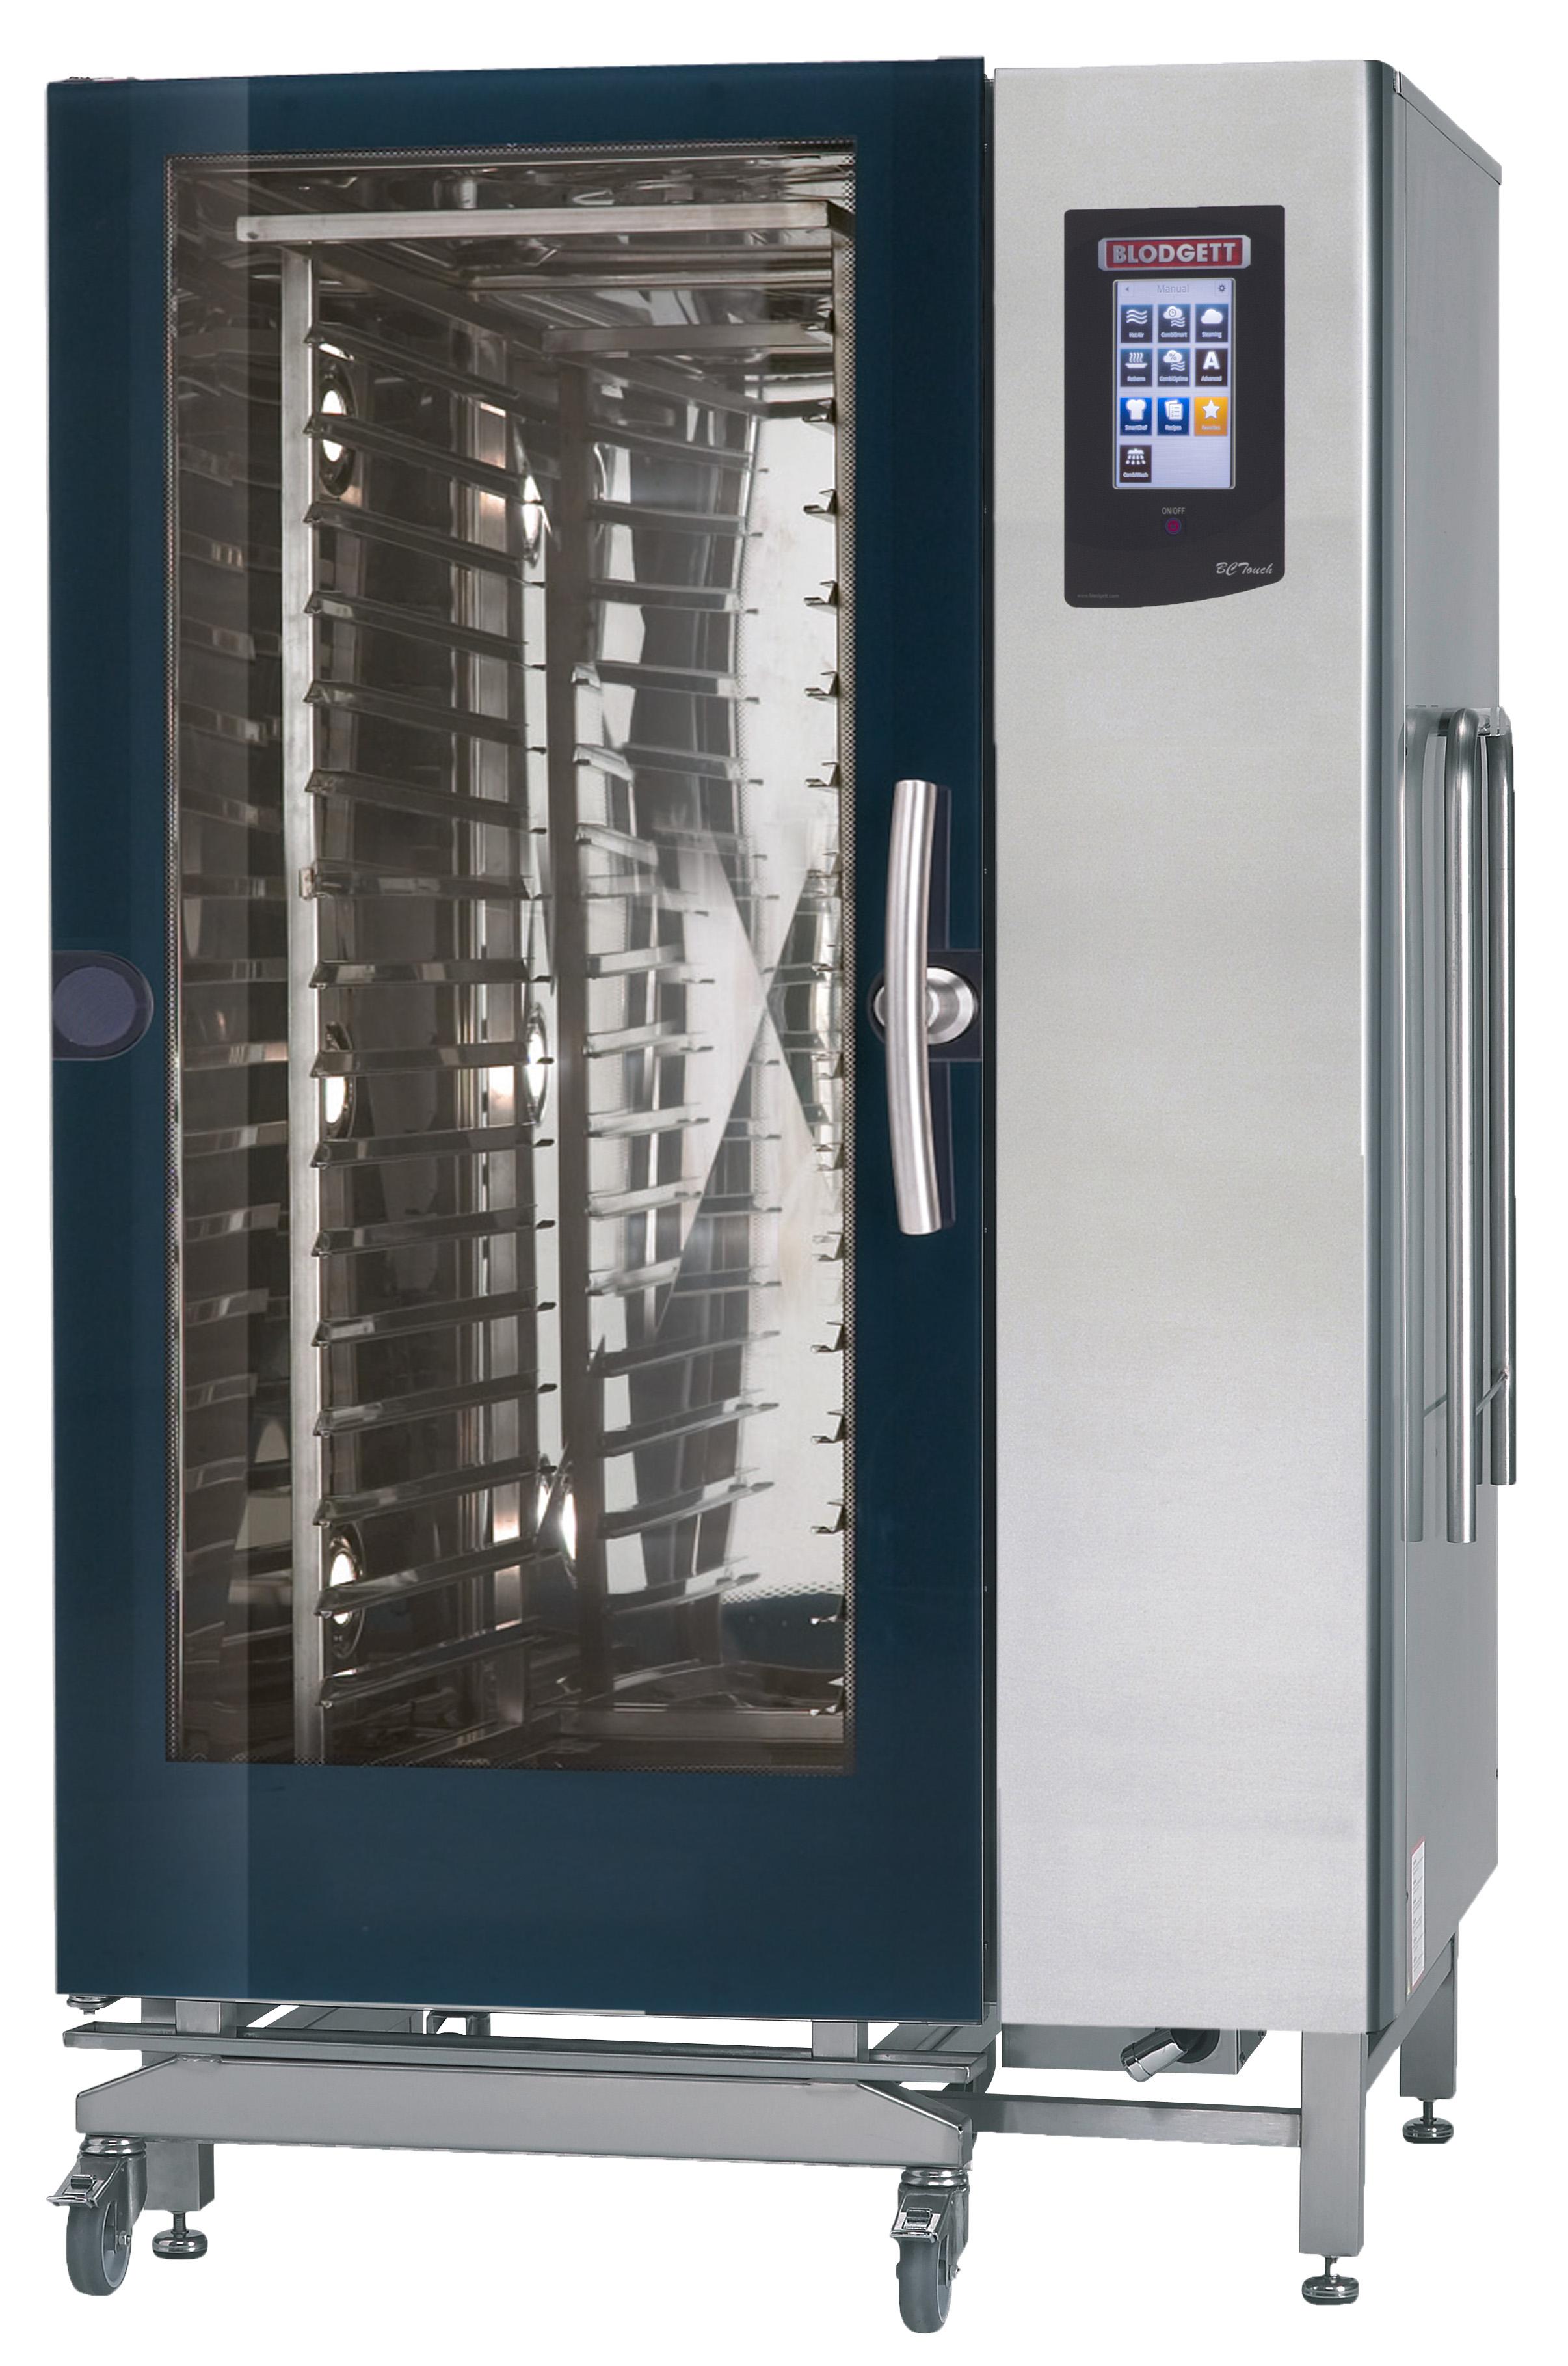 Blodgett BCT202G combi oven